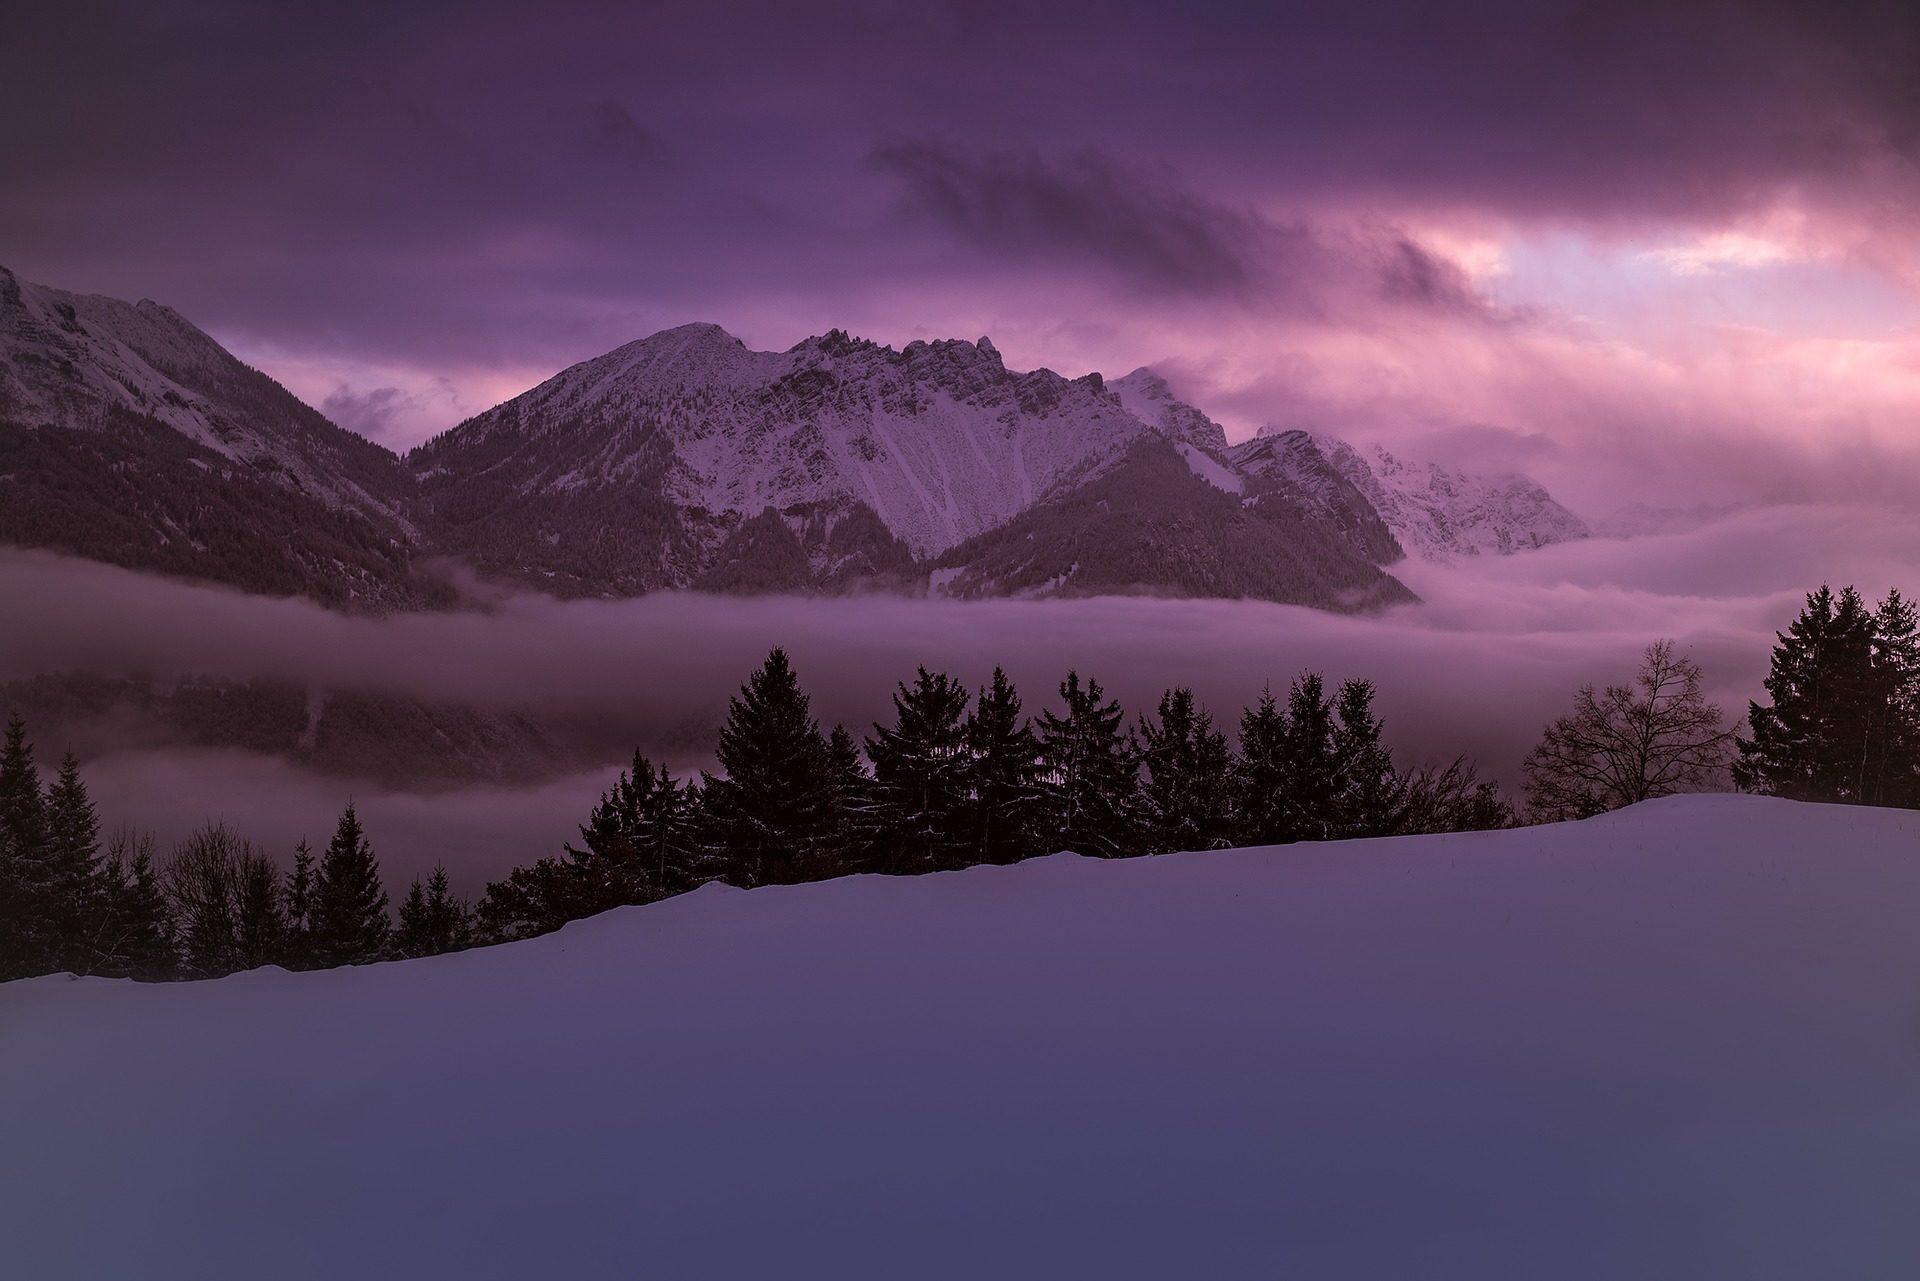 Монтаньяс, Зима, снег, Невадо, холод, Тьма, violáceo - Обои HD - Профессор falken.com